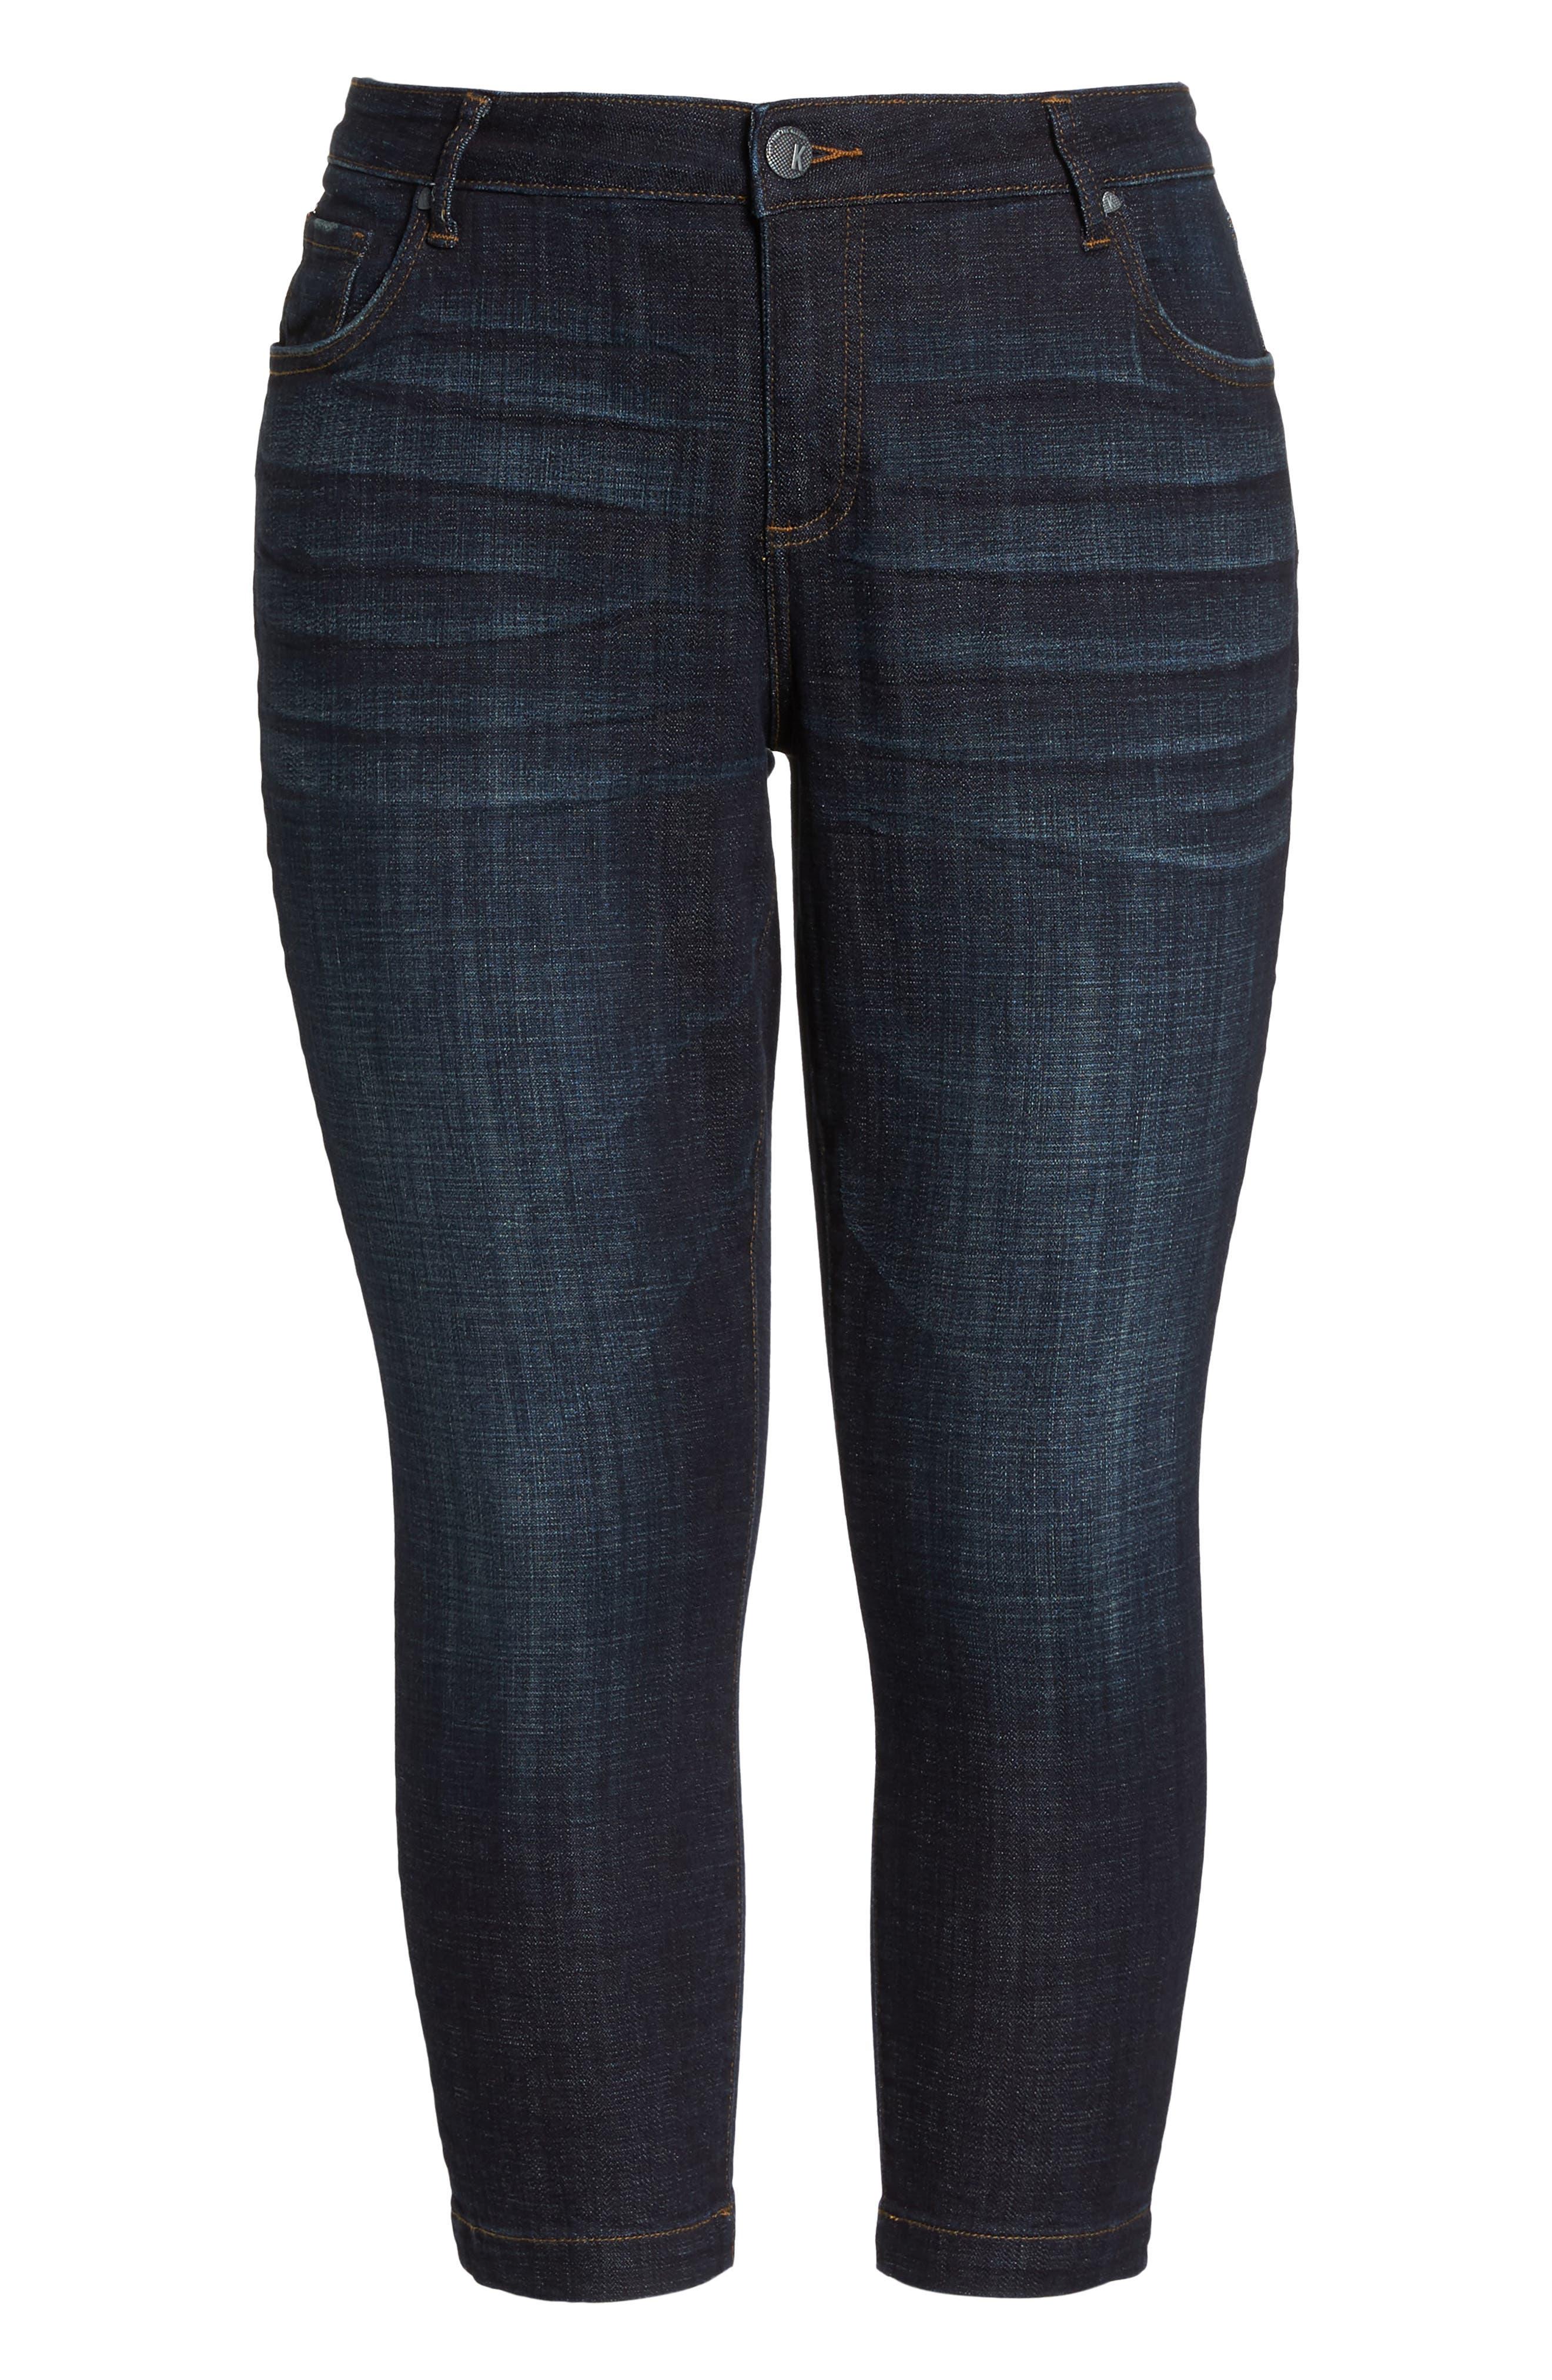 Lauren Crop Jeans,                             Alternate thumbnail 7, color,                             ACKNOWLEDGING